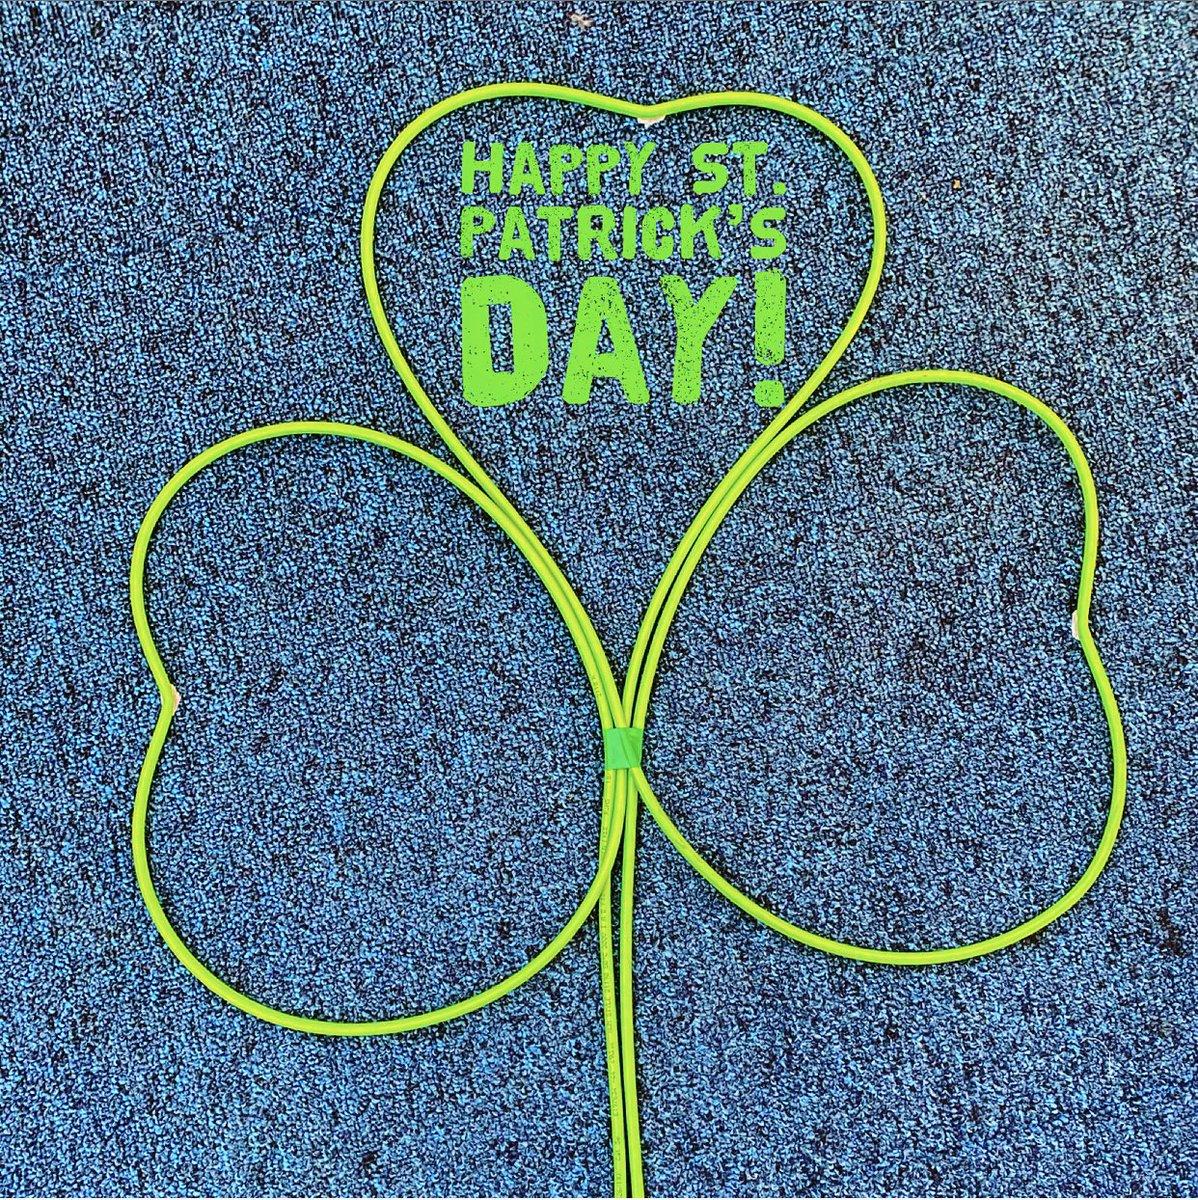 RT @luetze_uk: Happy ST Patrick's Day everyone #StPatricksDay2020 #StPatricksDay...